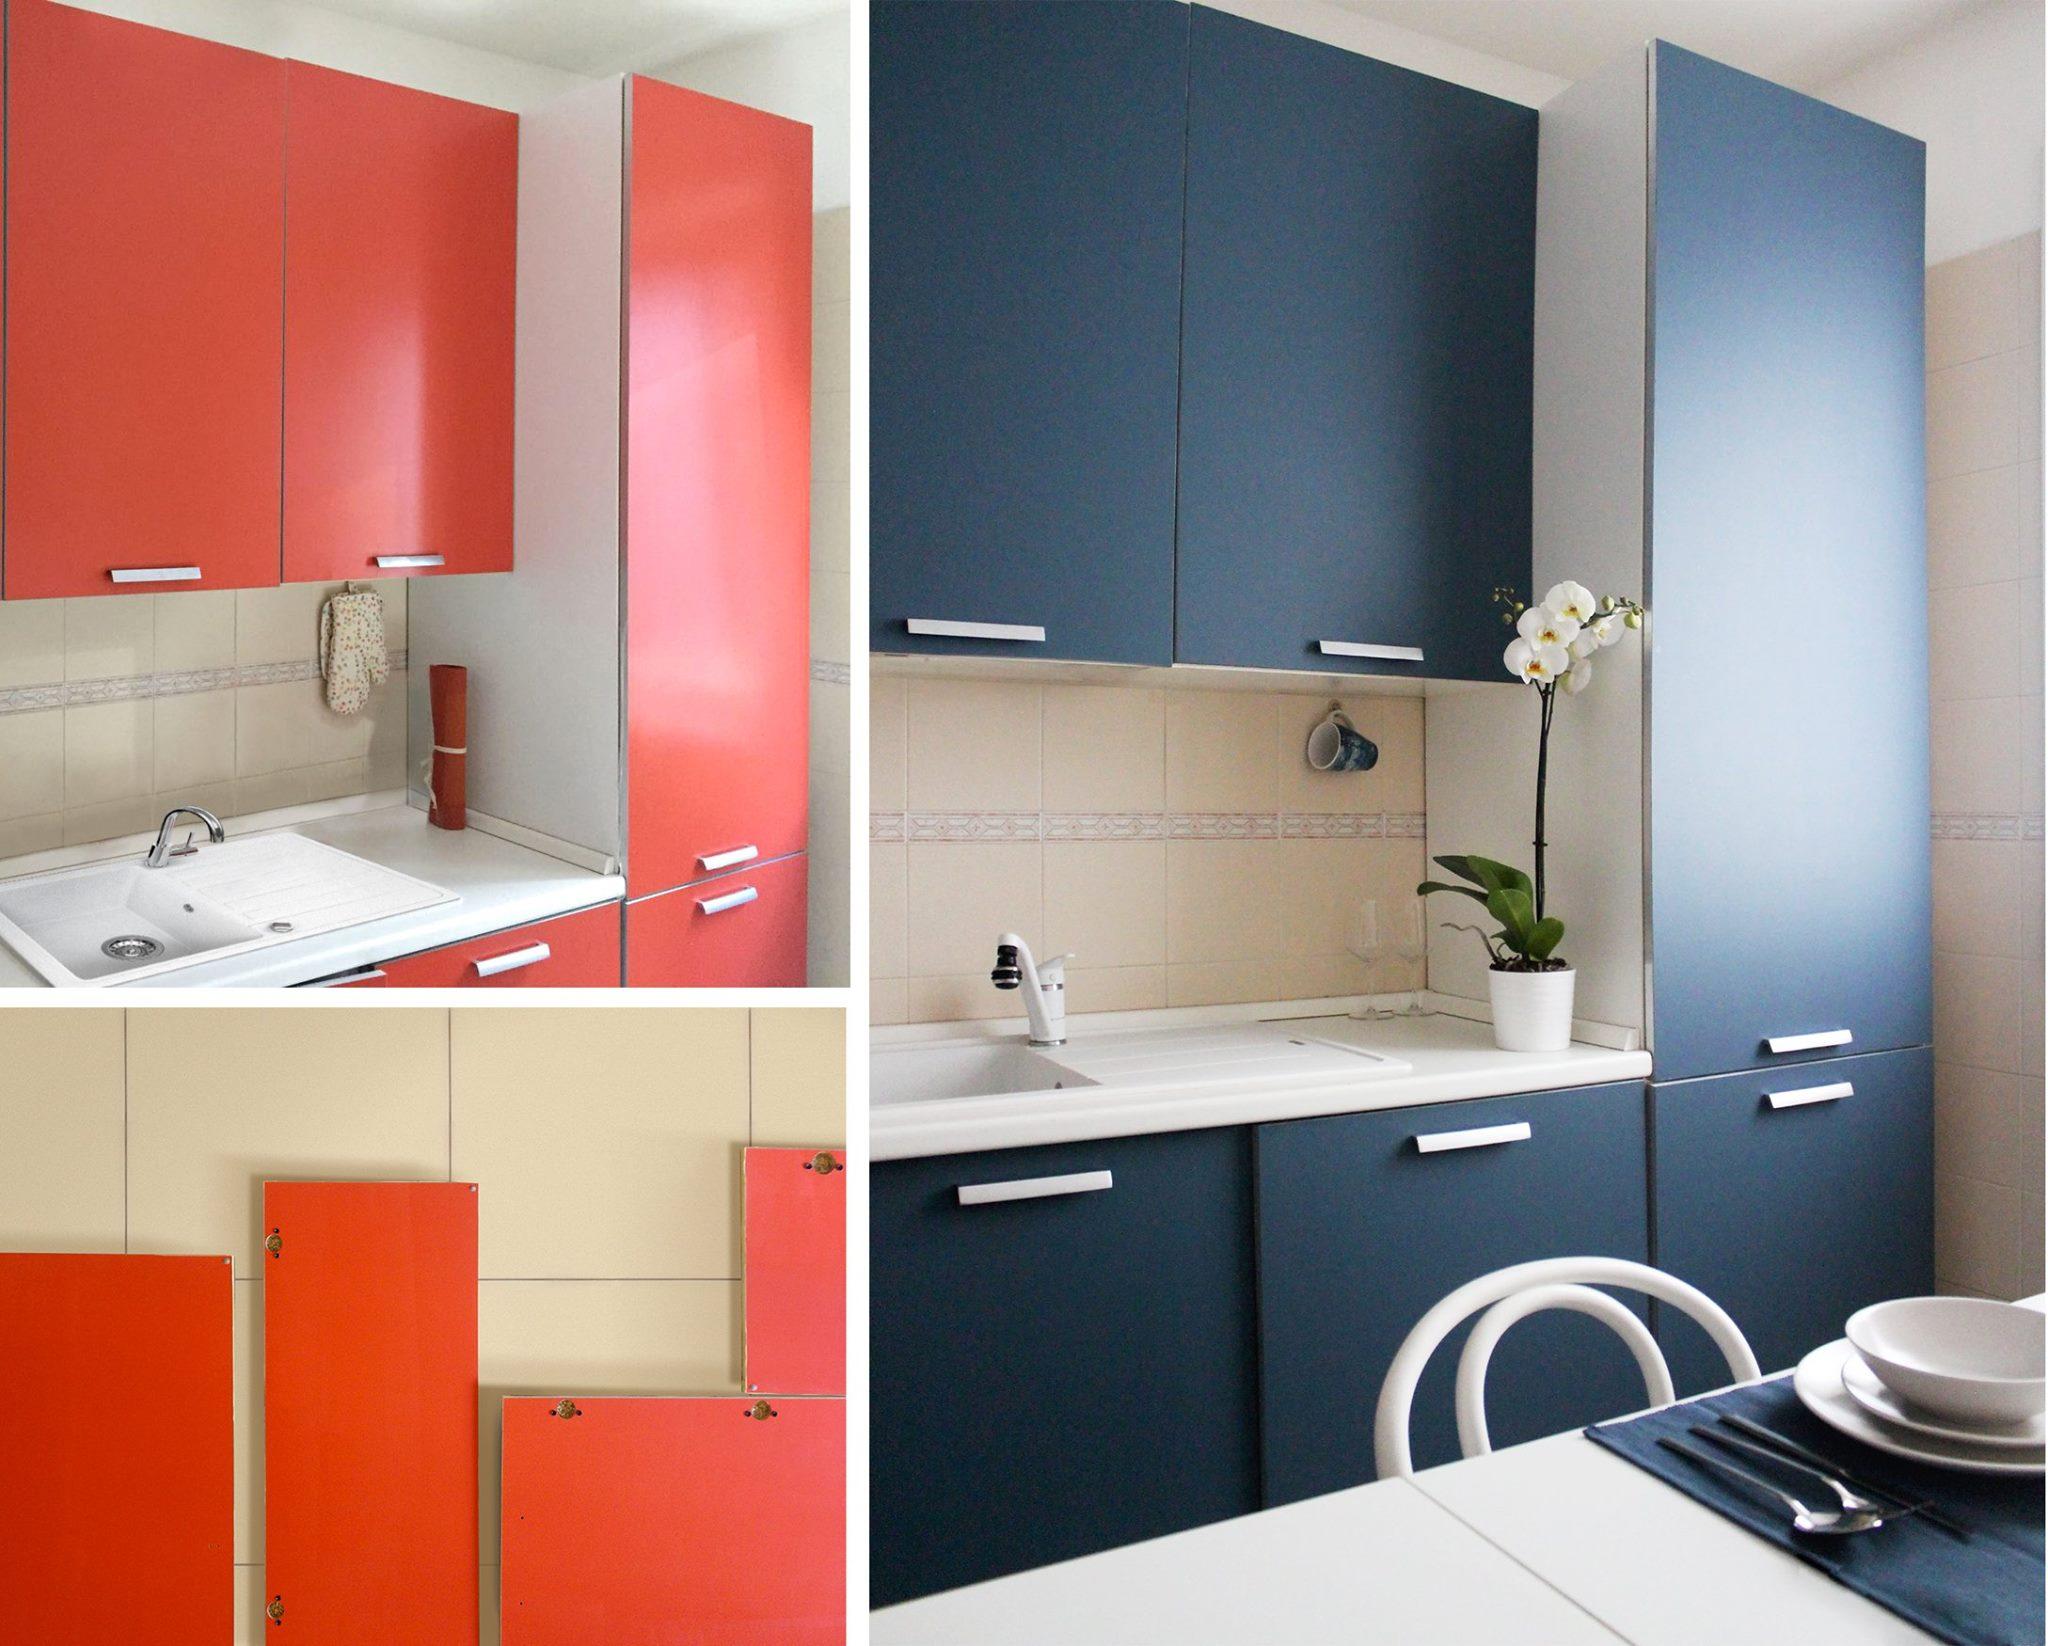 Dipingere Le Porte Di Casa rinnovare la cucina in modo economico, veloce ed ecologico